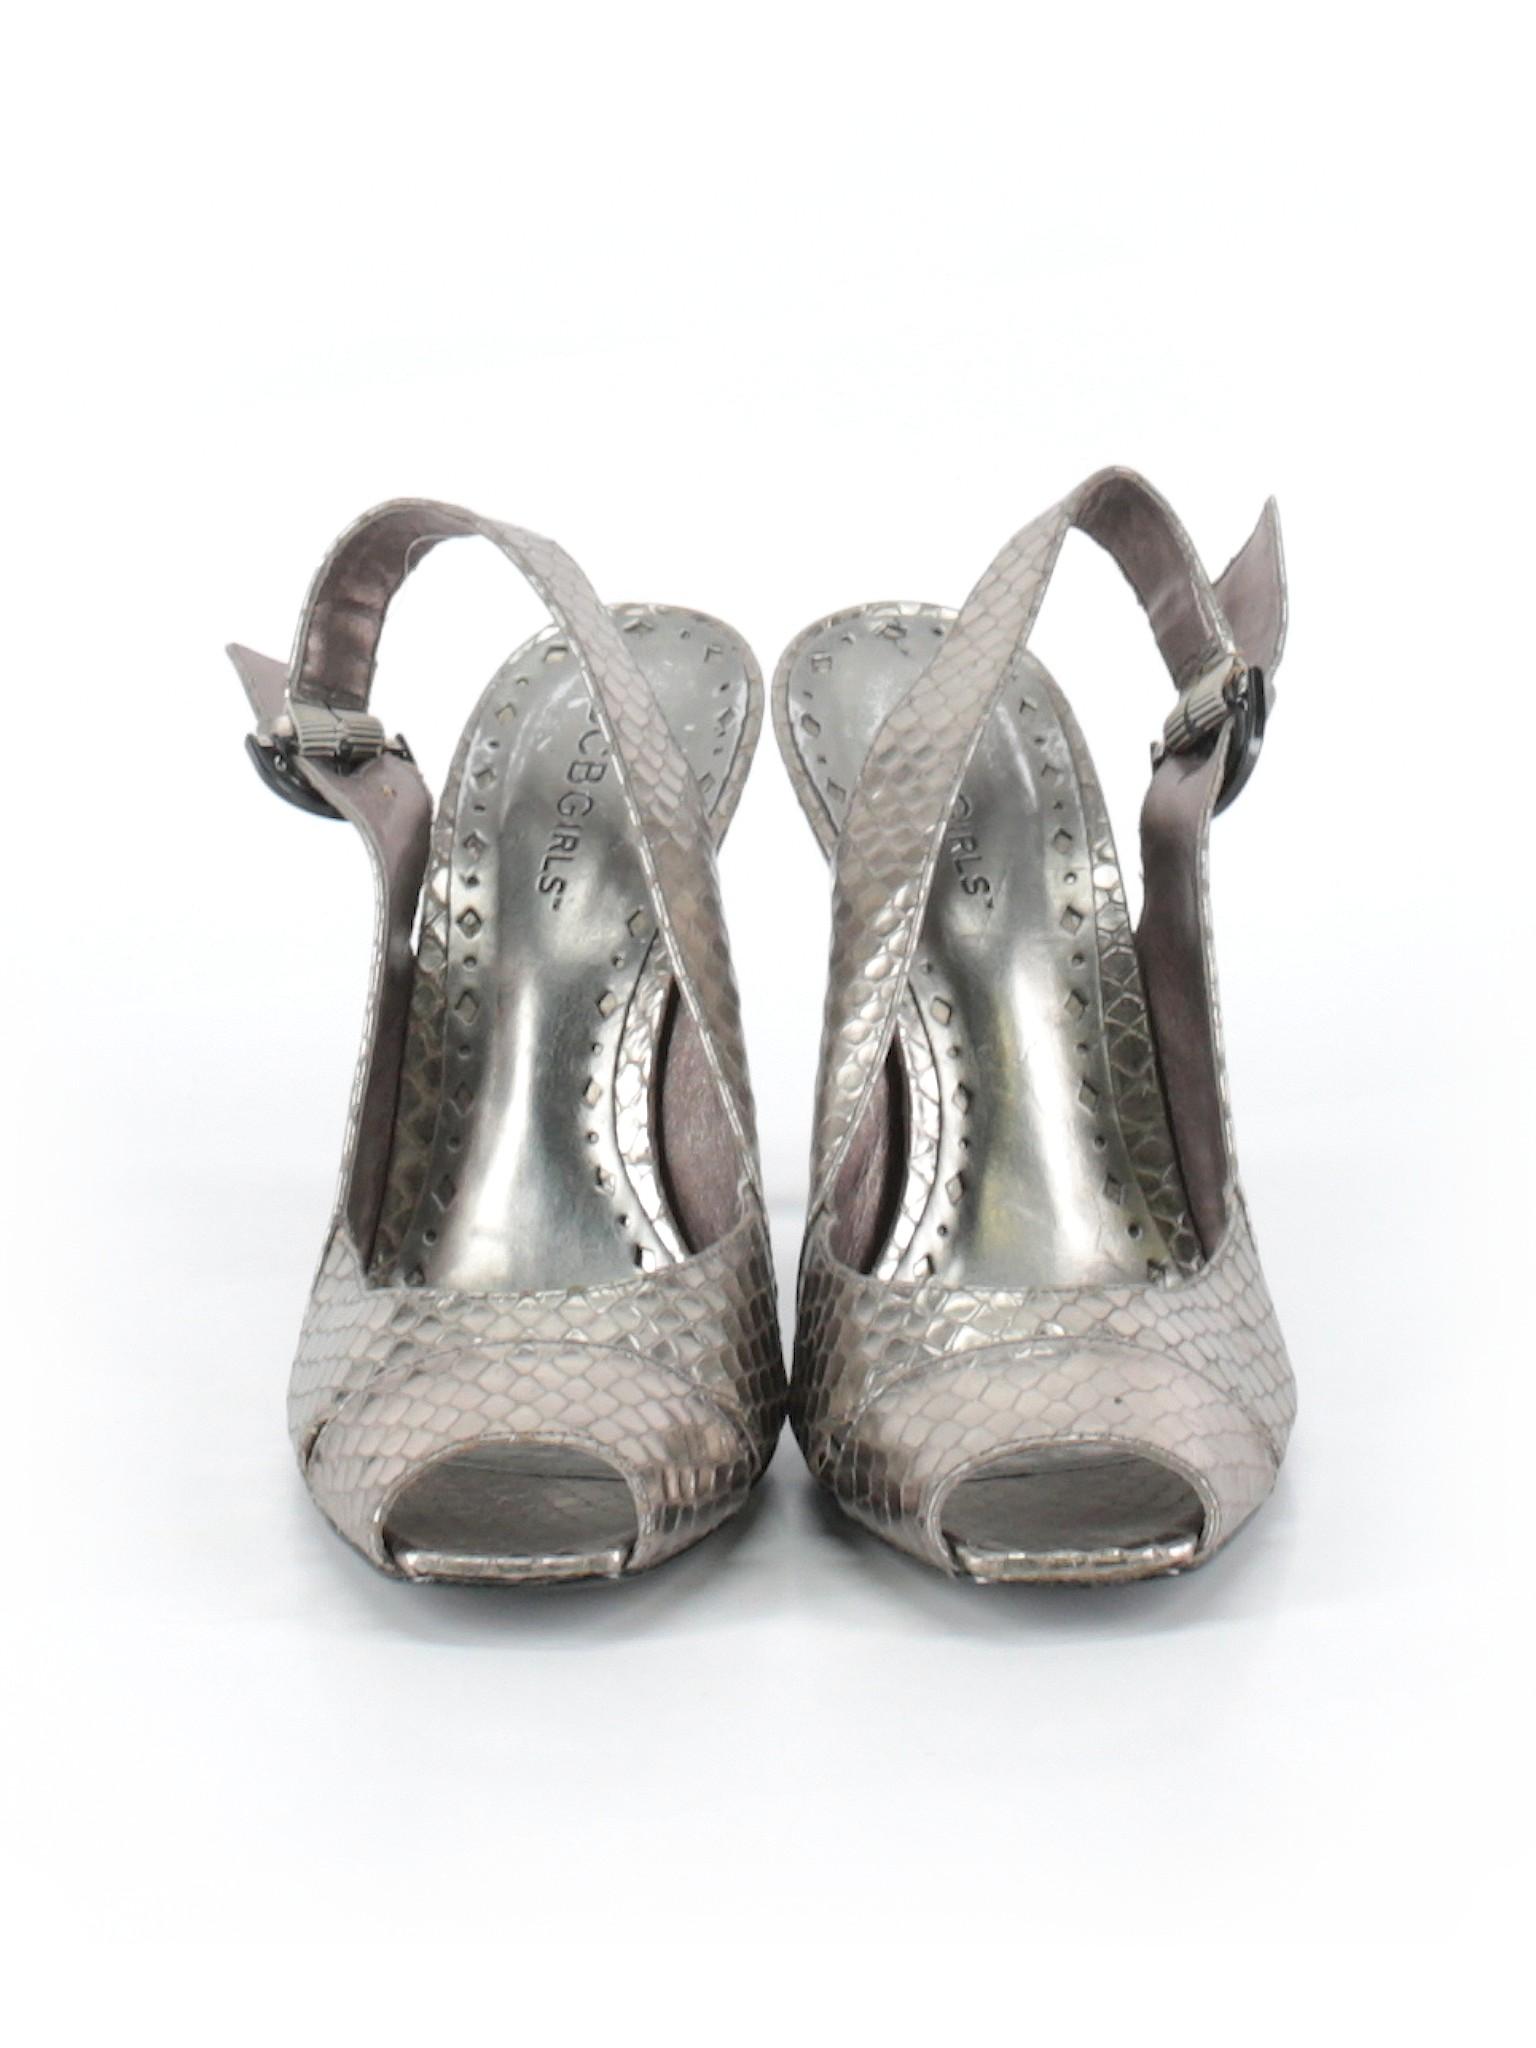 Boutique Boutique promotion Heels promotion Boutique promotion Boutique BCBGMAXAZRIA Heels BCBGMAXAZRIA BCBGMAXAZRIA Heels qCwqrHx